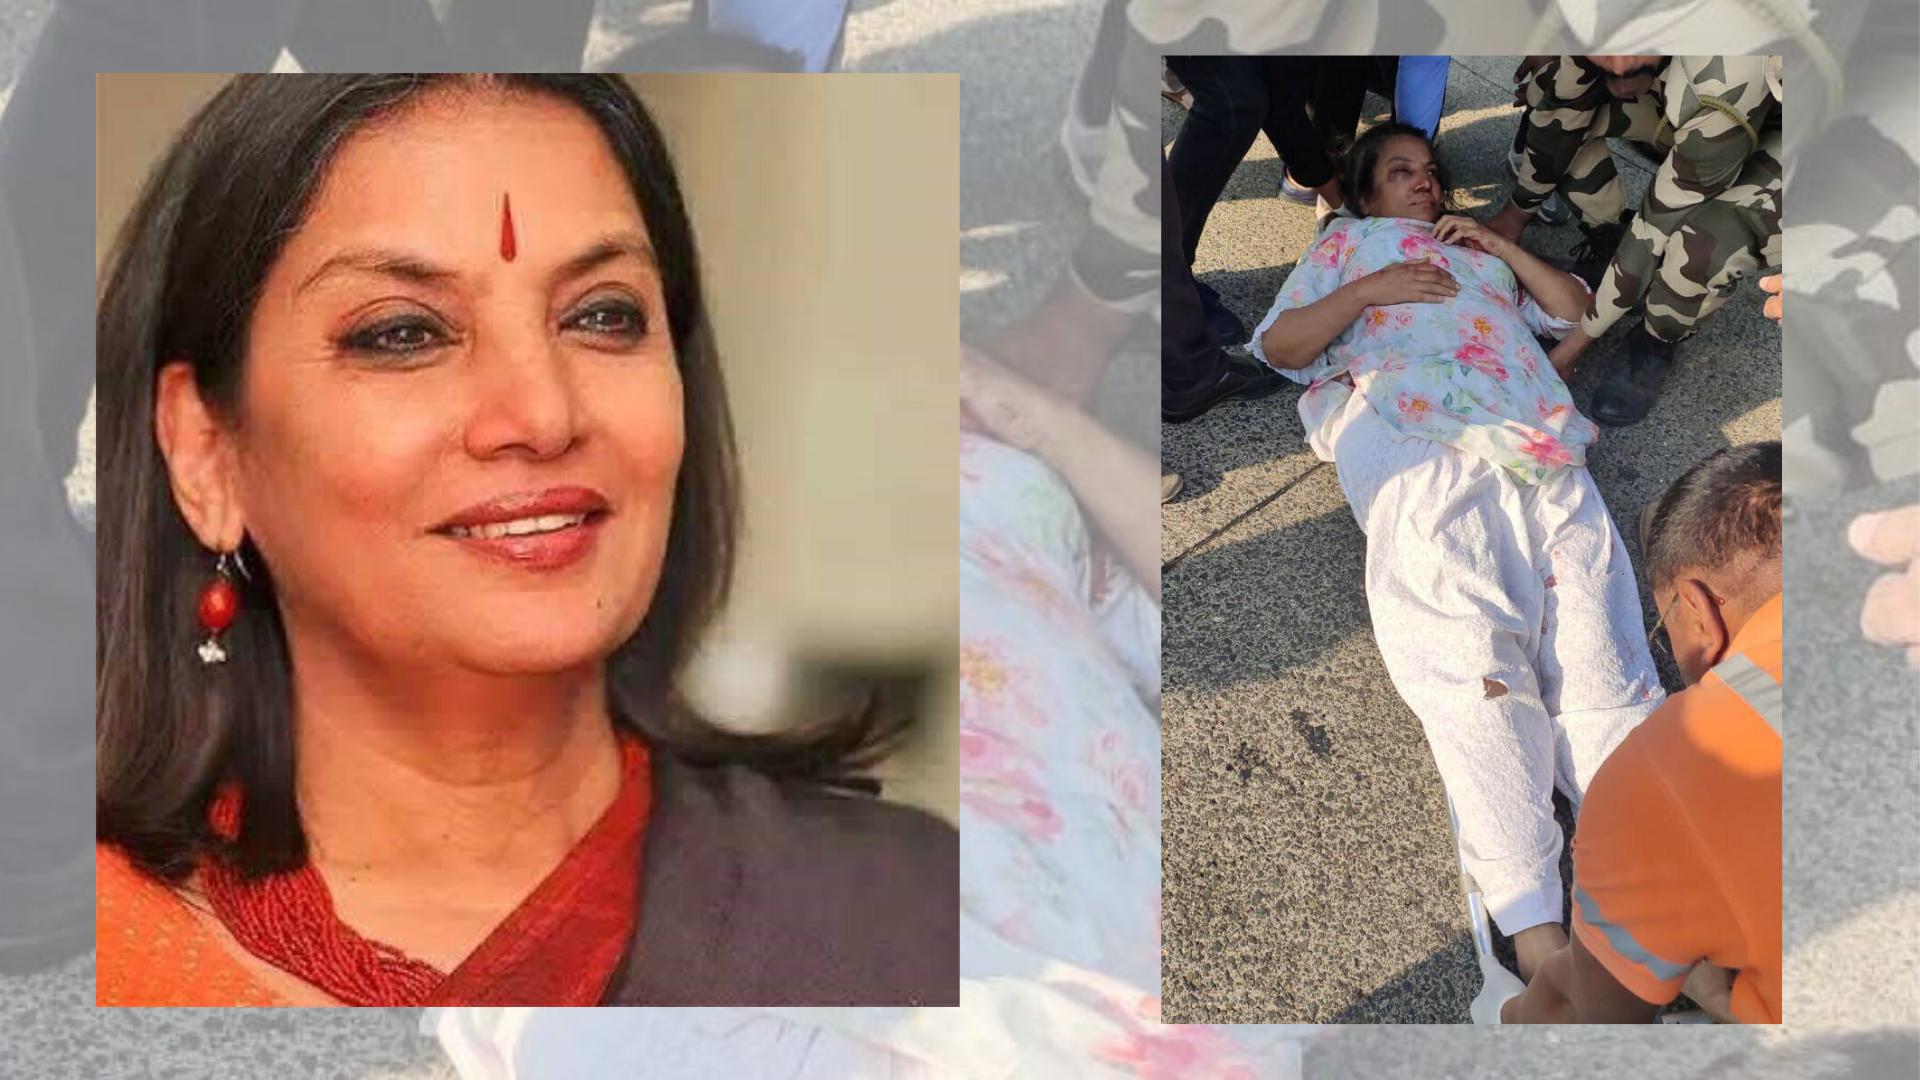 બોલિવૂડ અભિનેત્રી શબાના આઝમીને પૂણે-મુંબઈ હાઇવે પર નડ્યો અકસ્માત, ગંભીર રીતે ઇજાગ્રસ્ત